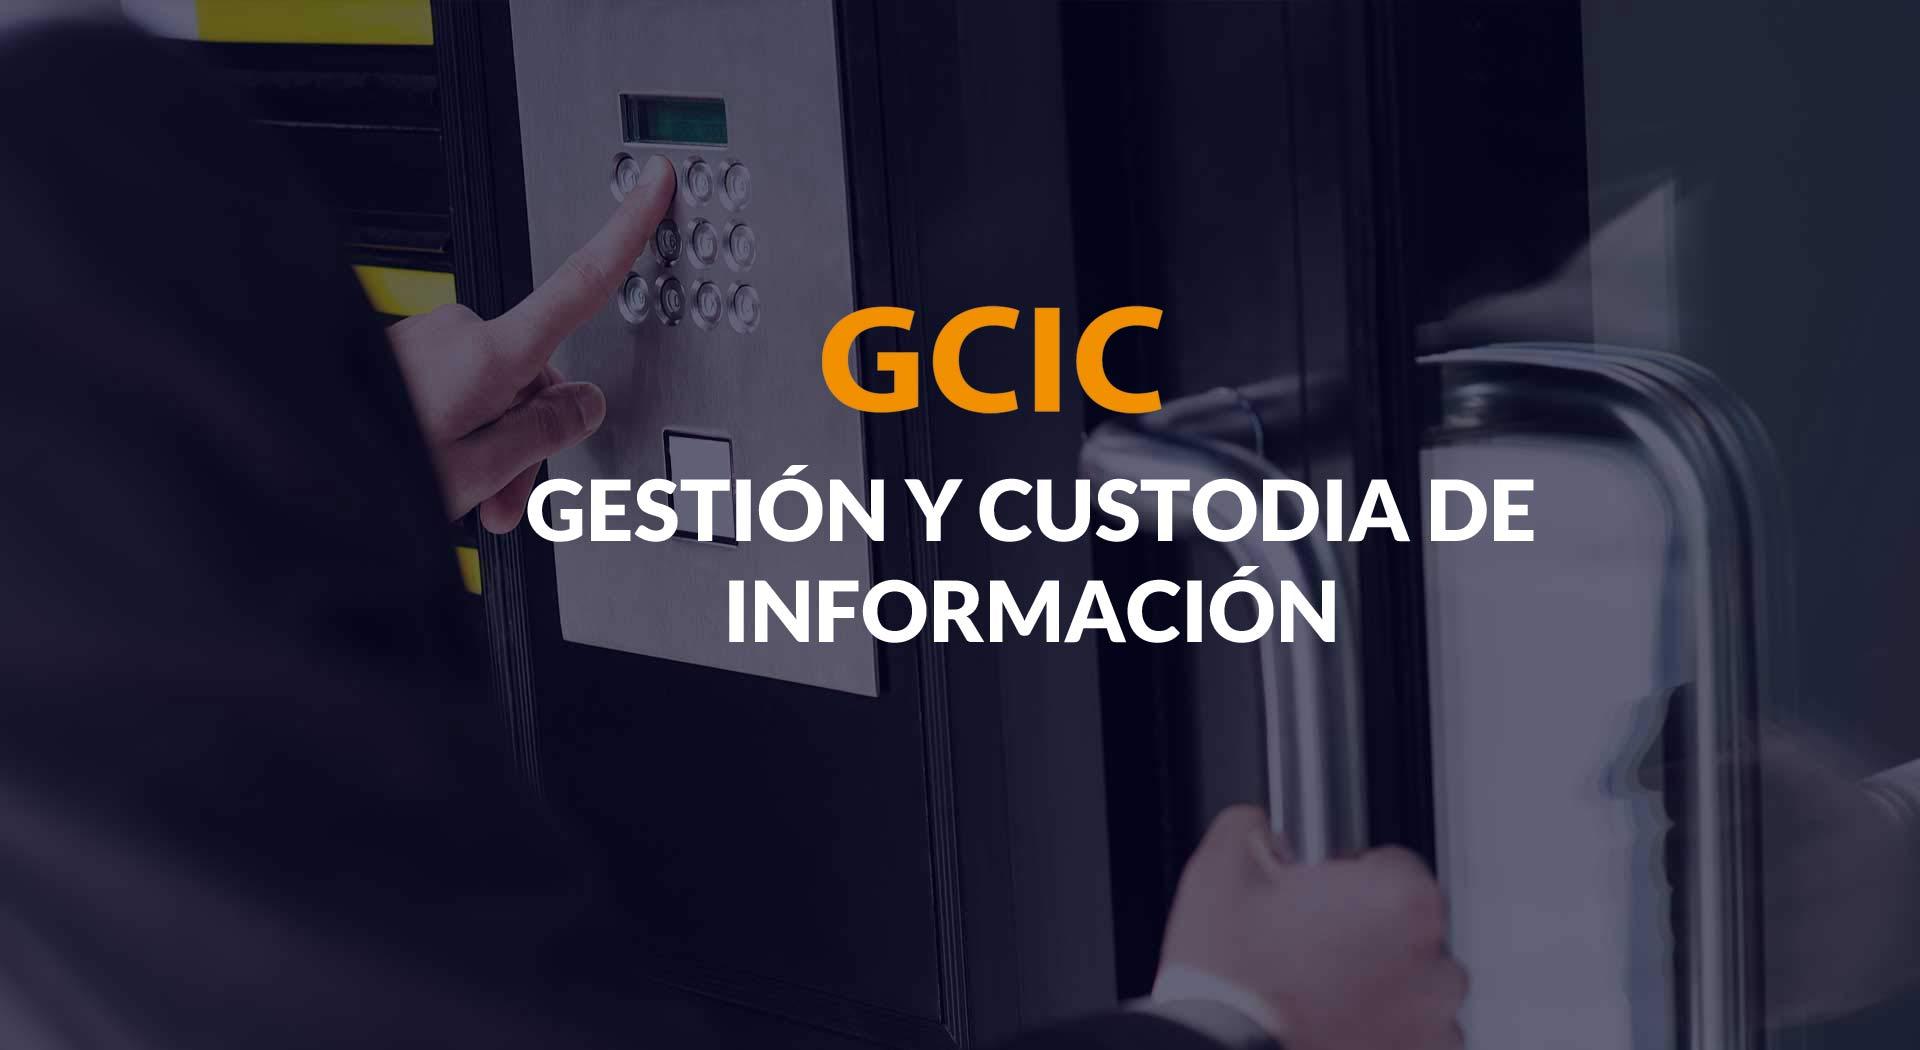 Gestión documental y seguridad de la información